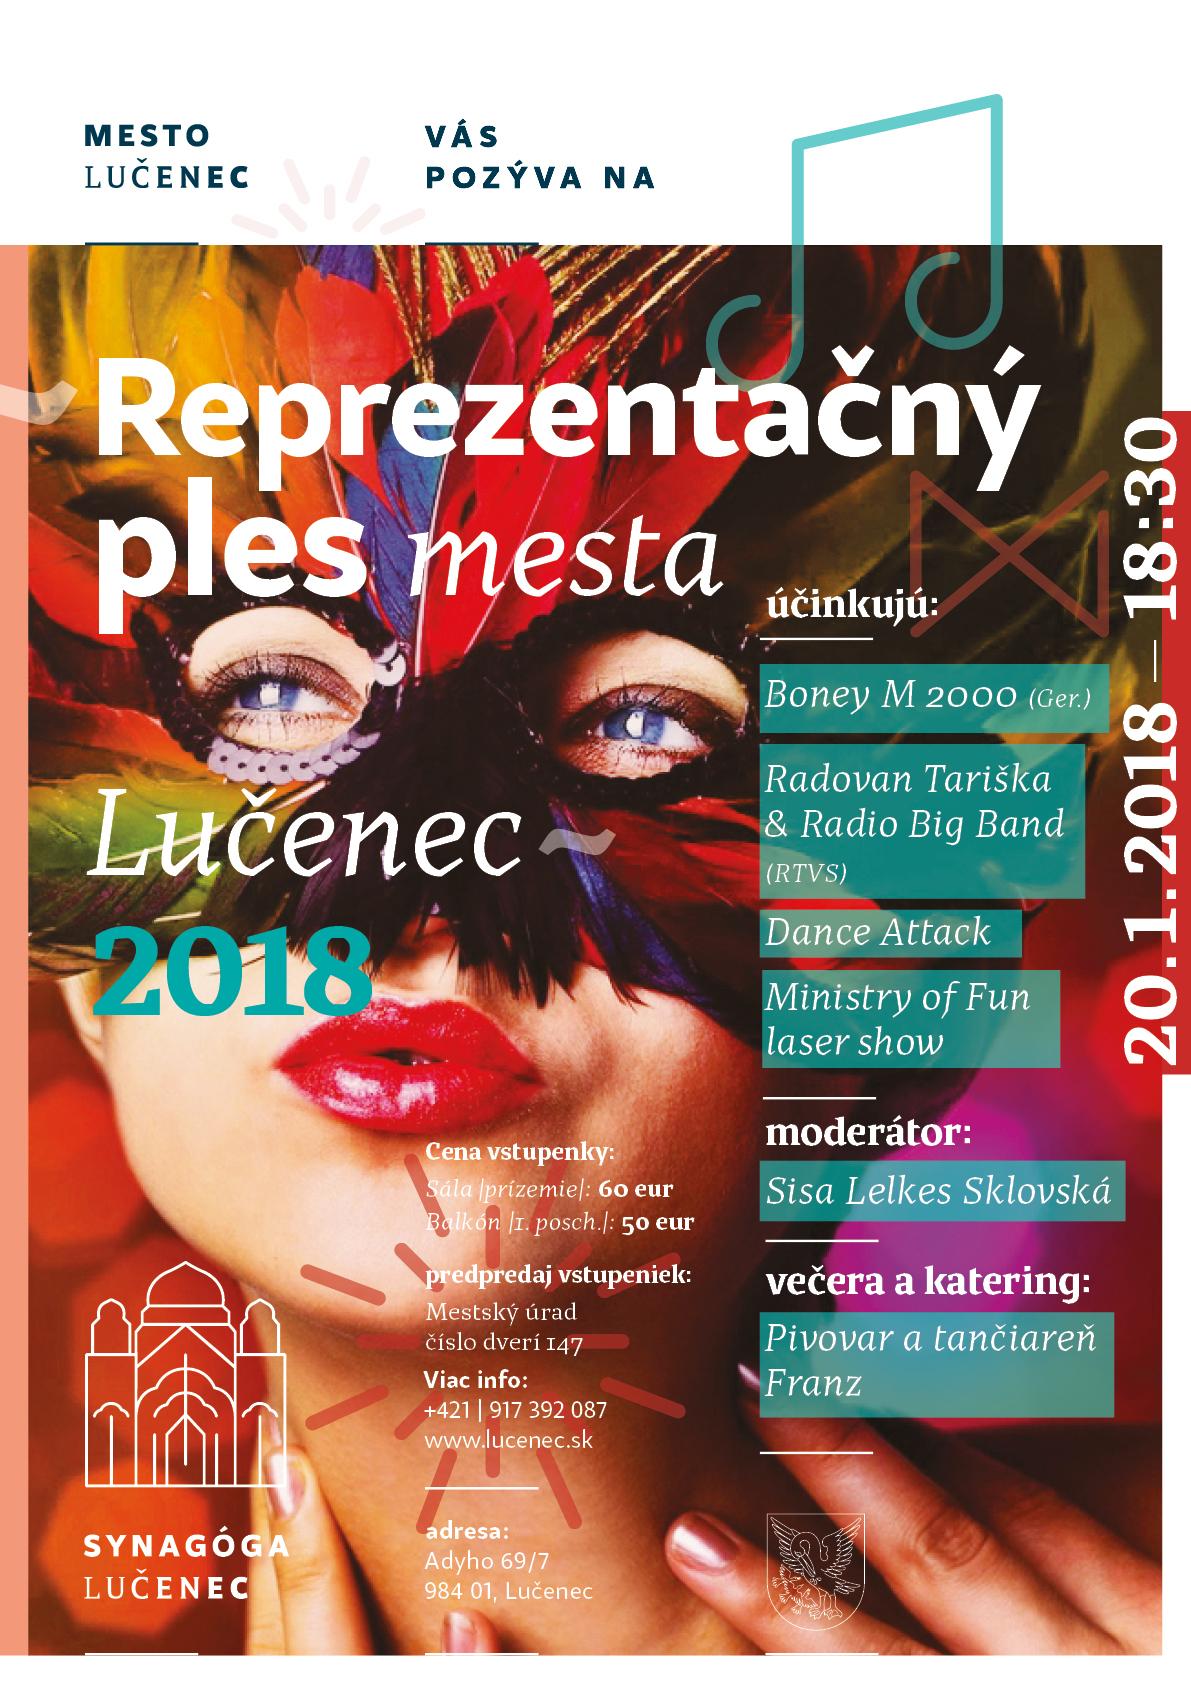 Reprezentačný ples mesta Lučenec 2018 @ Synagóga Lučenec